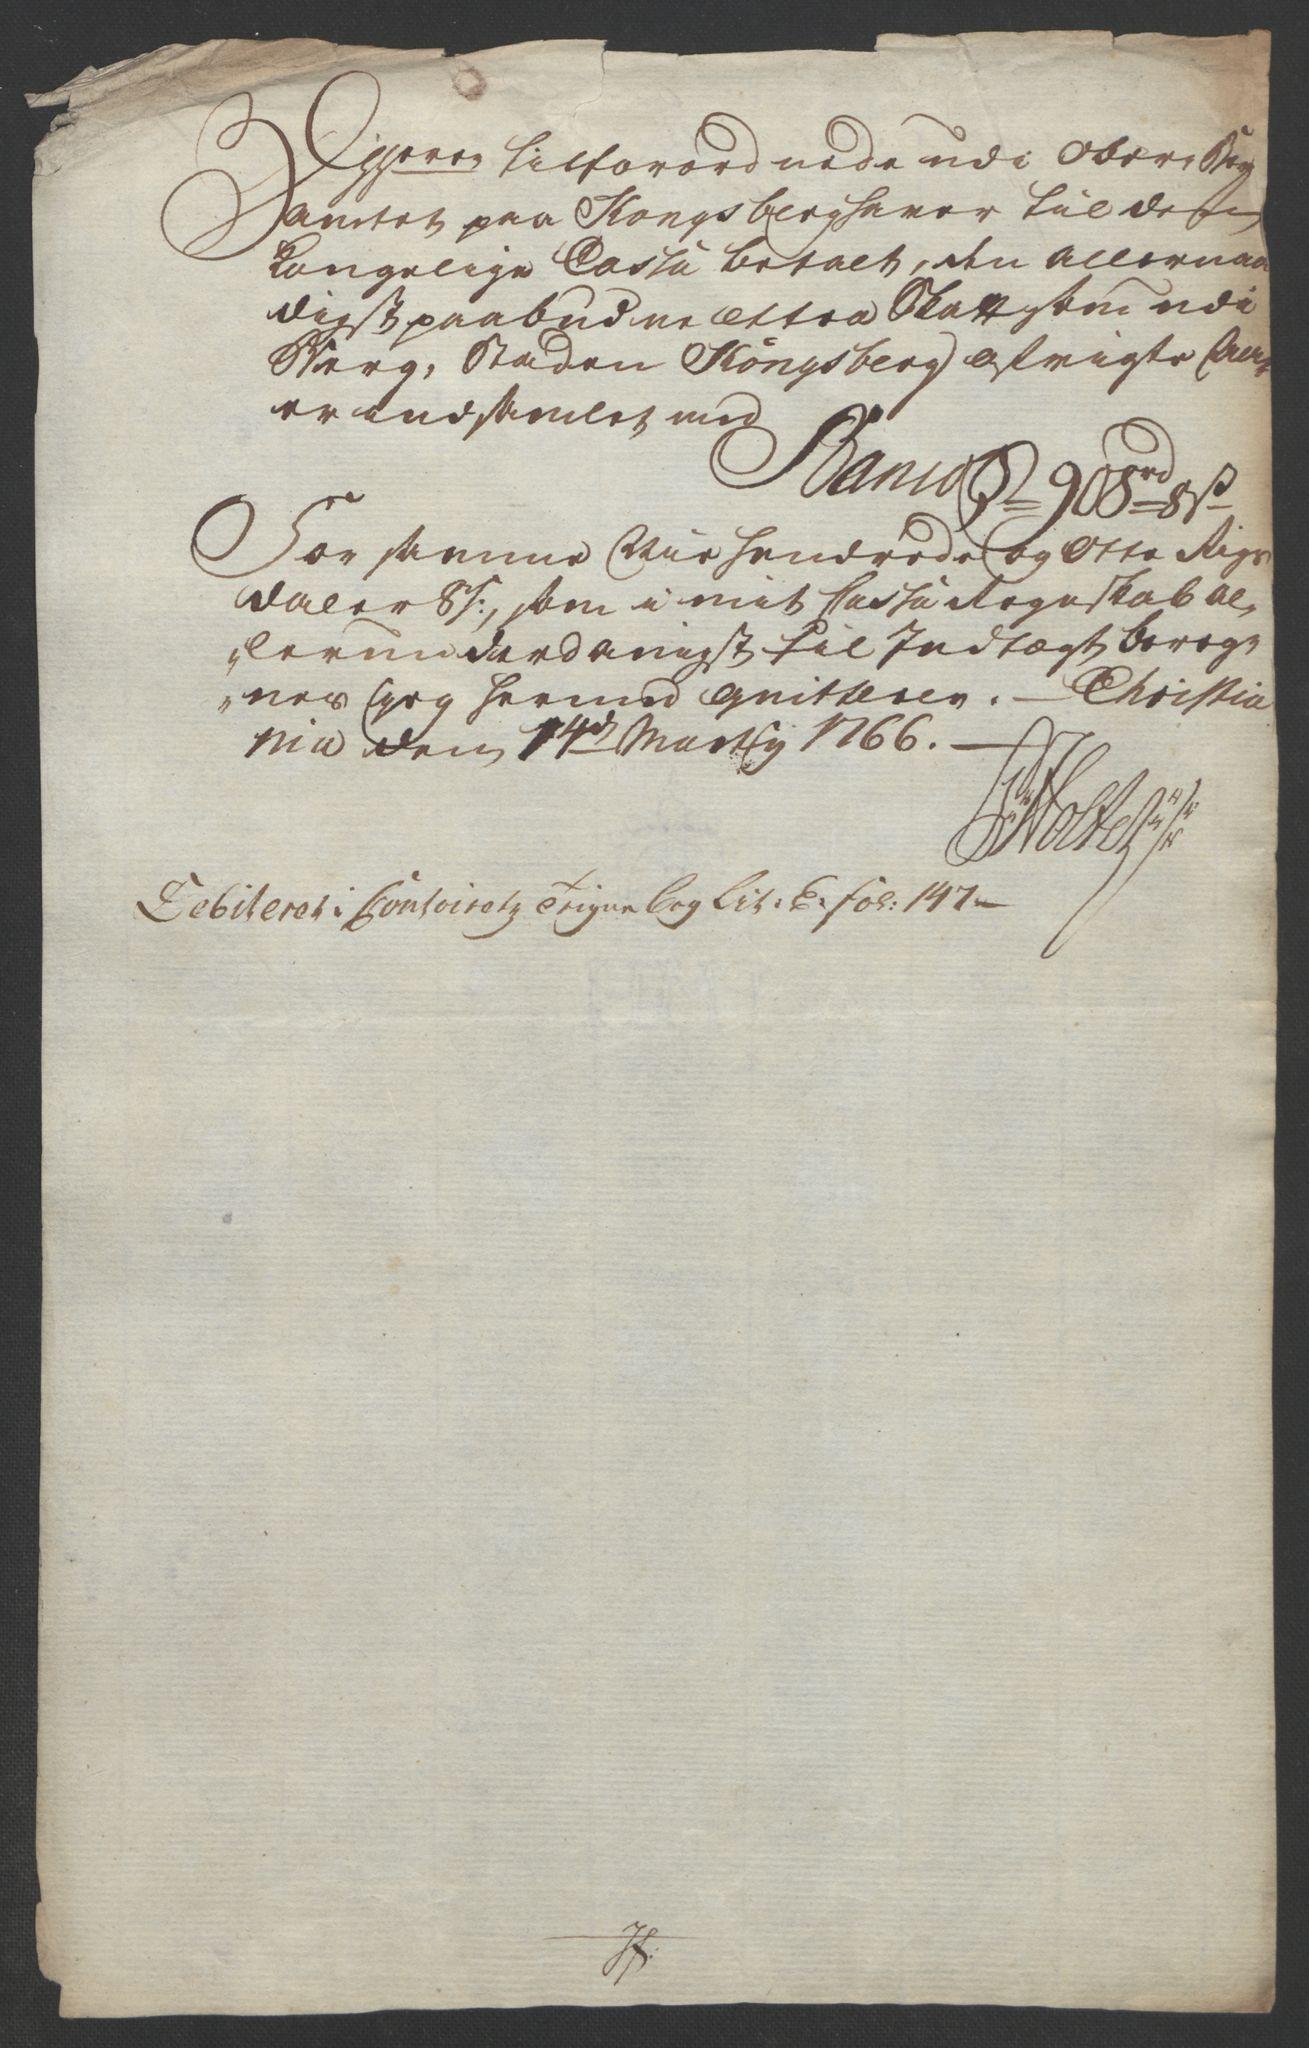 RA, Rentekammeret inntil 1814, Reviderte regnskaper, Bergverksregnskaper, R/Rc/Rca/L0843: Ekstraskatt, 1762-1765, s. 1120